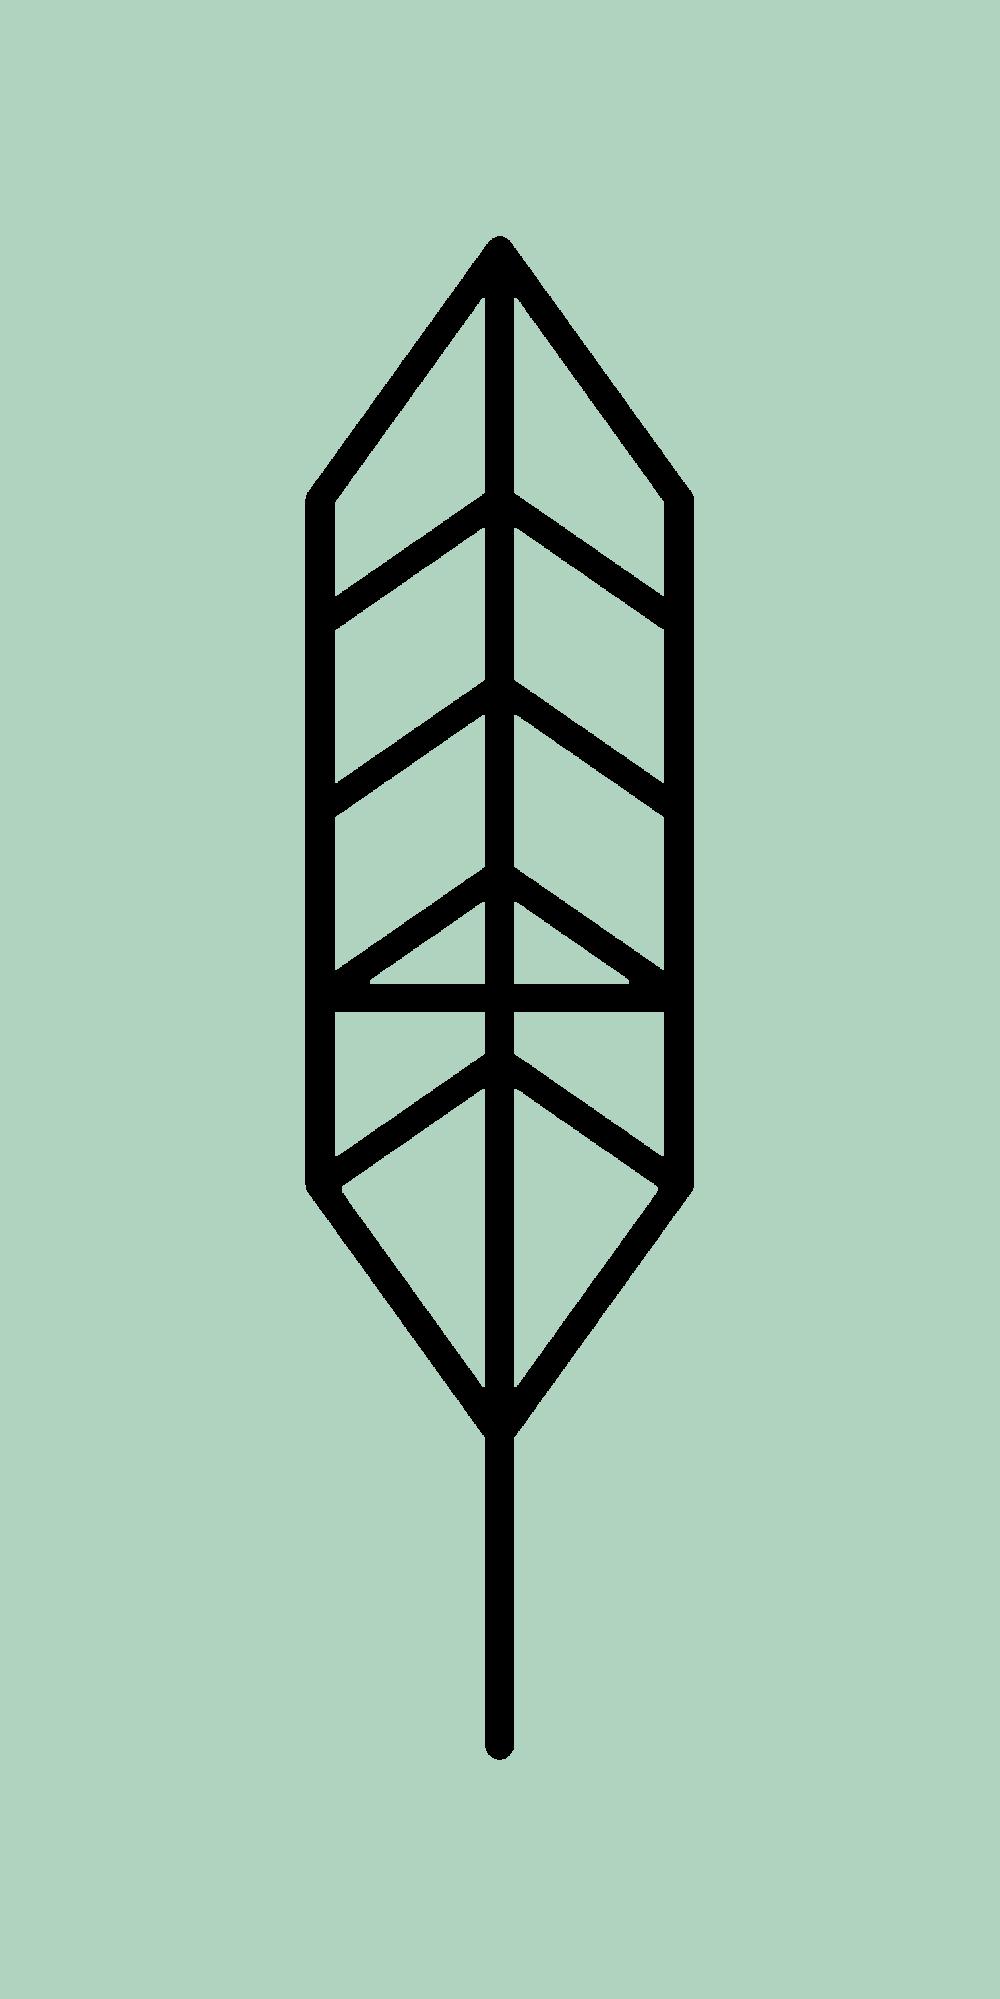 JP_Leaf2_in_box_Green.png